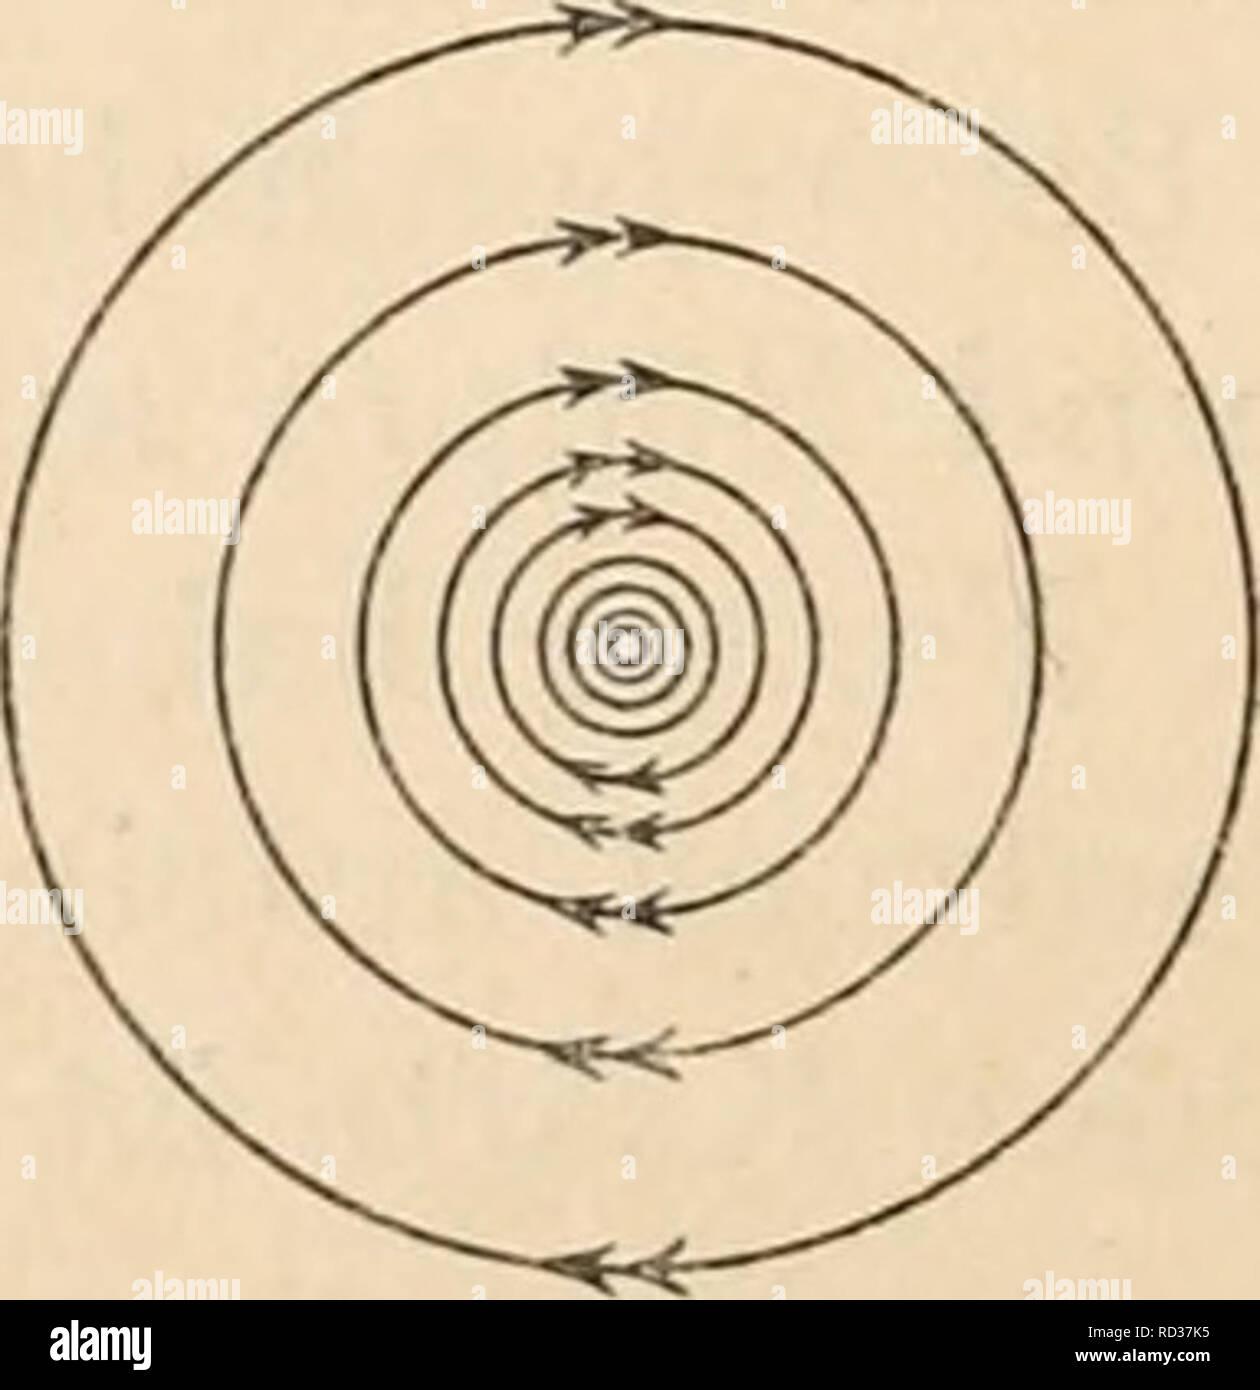 . Elektrophysiologie menschlicher Muskeln. Electrophysiology. i. Abb. 6. Abb. 6 a. Abb. 6 und 6a. l'rinzip des Saitengalvauometers durch Kraftlinienschema dargestellt. Kraftlinien des permanenten Magneten punktiert gezeichnet, Richtungssinn von linl<s (Nordpol) nach reclits (Südpol). Konzentrische Kraftlinienringe um den im Querschnitt getroffenen Stromleiter ausgezogen gezeichnet, Uhrzeigersinn wie in Fig. 6a. Ablenkung des Stromleiters in Richtung des Pfeiles (nach unten in der Abb. 6). mit dem radialen Abstand von dem Stromleiter abnimmt. Auch hier haben die Linien einen bestimmten Richt Stock Photo